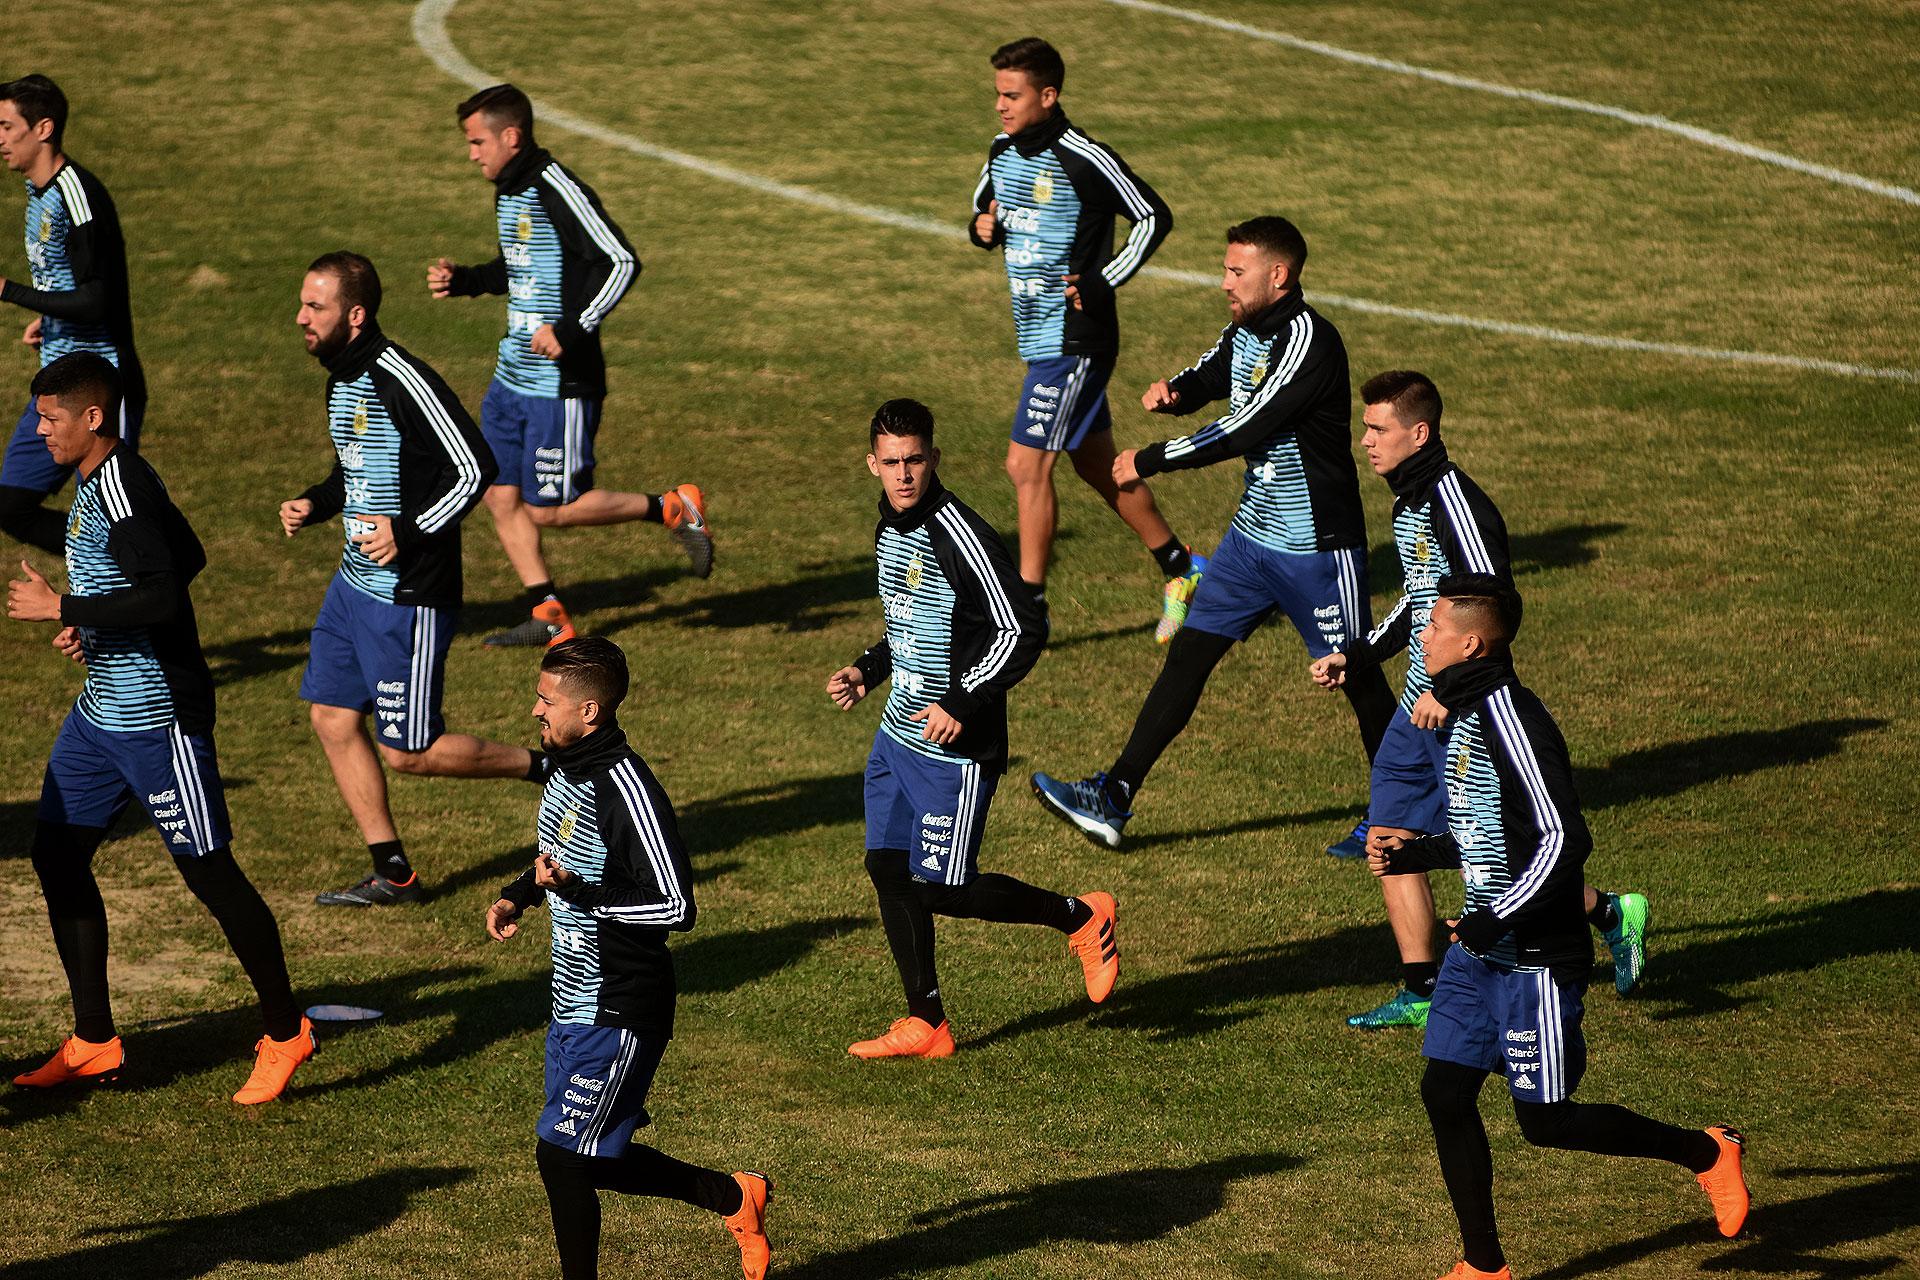 Di María, Rojo, Higuaín, Tagliafico, Lanzini, Pavón, Dybala, Otamendi, Lo Celso y Meza en el entrenamiento abierto de la Selección